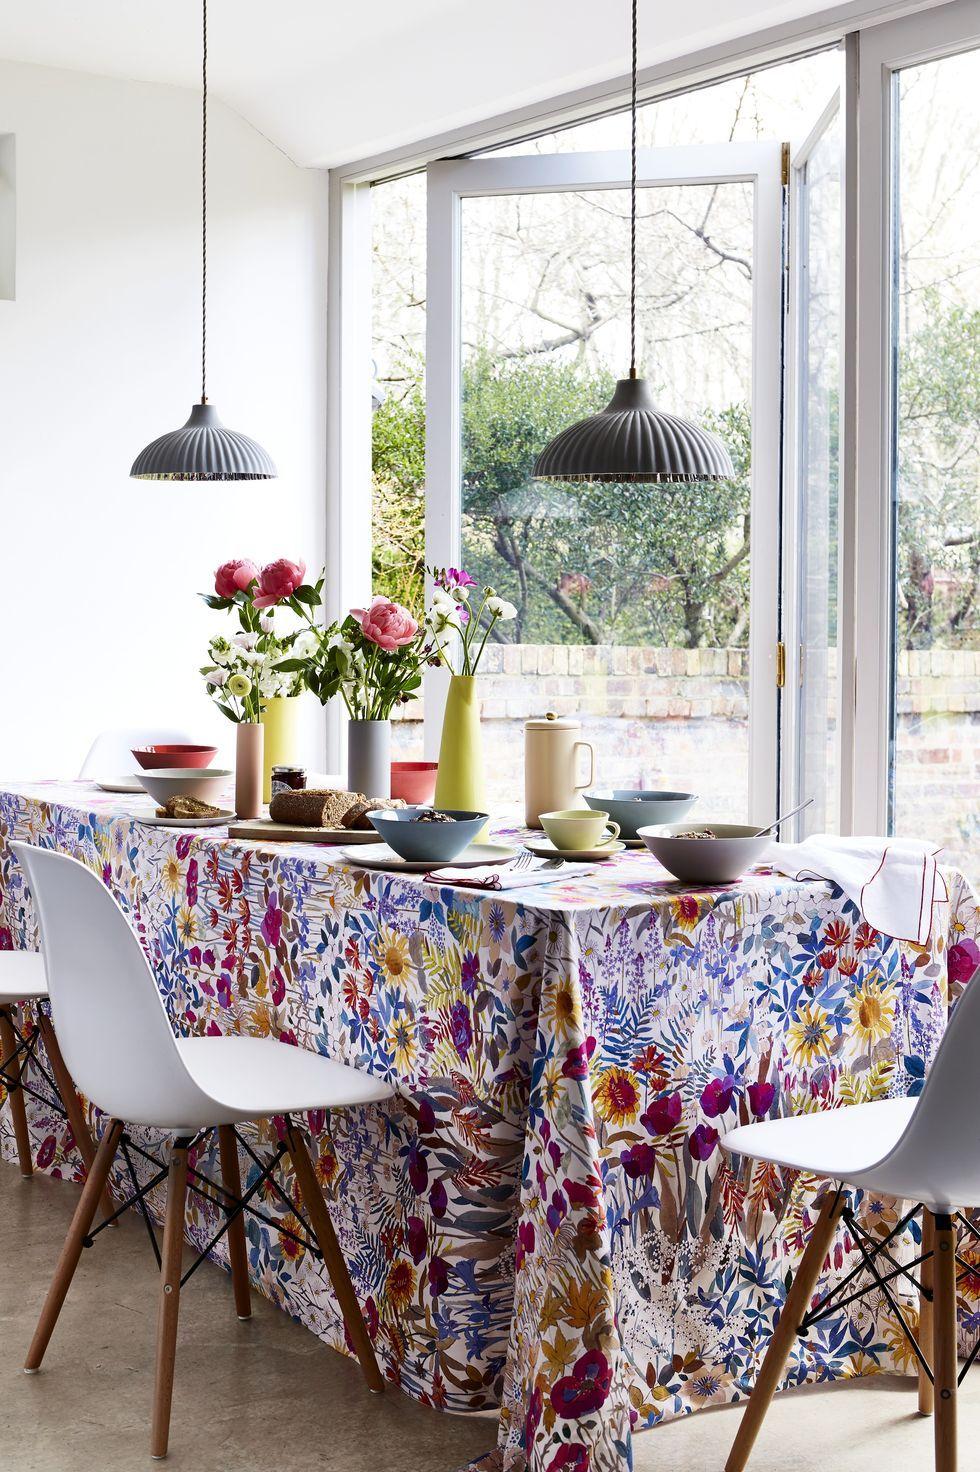 Spring Decor Ideas - Floral Tablecloth